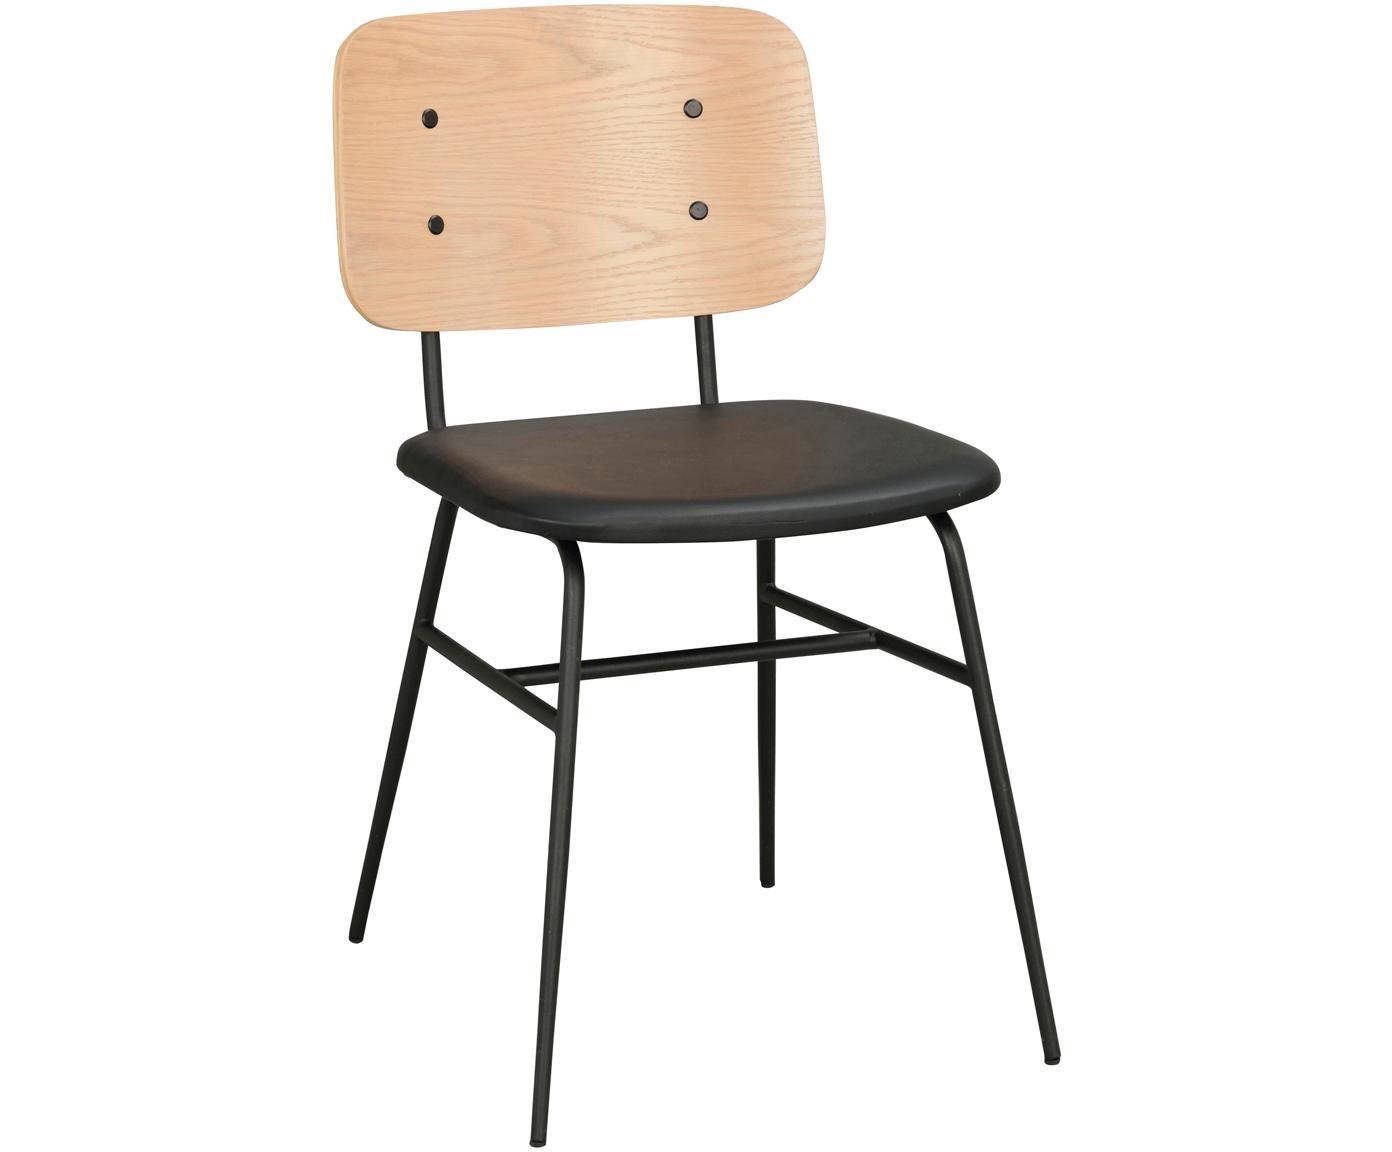 Hoge stoel Brent, Zitvlak: kunstleer (polyurethaan), Frame: gelakt metaal, Eikenhoutkleurig, zwart, mat, B 47 x D 57 cm